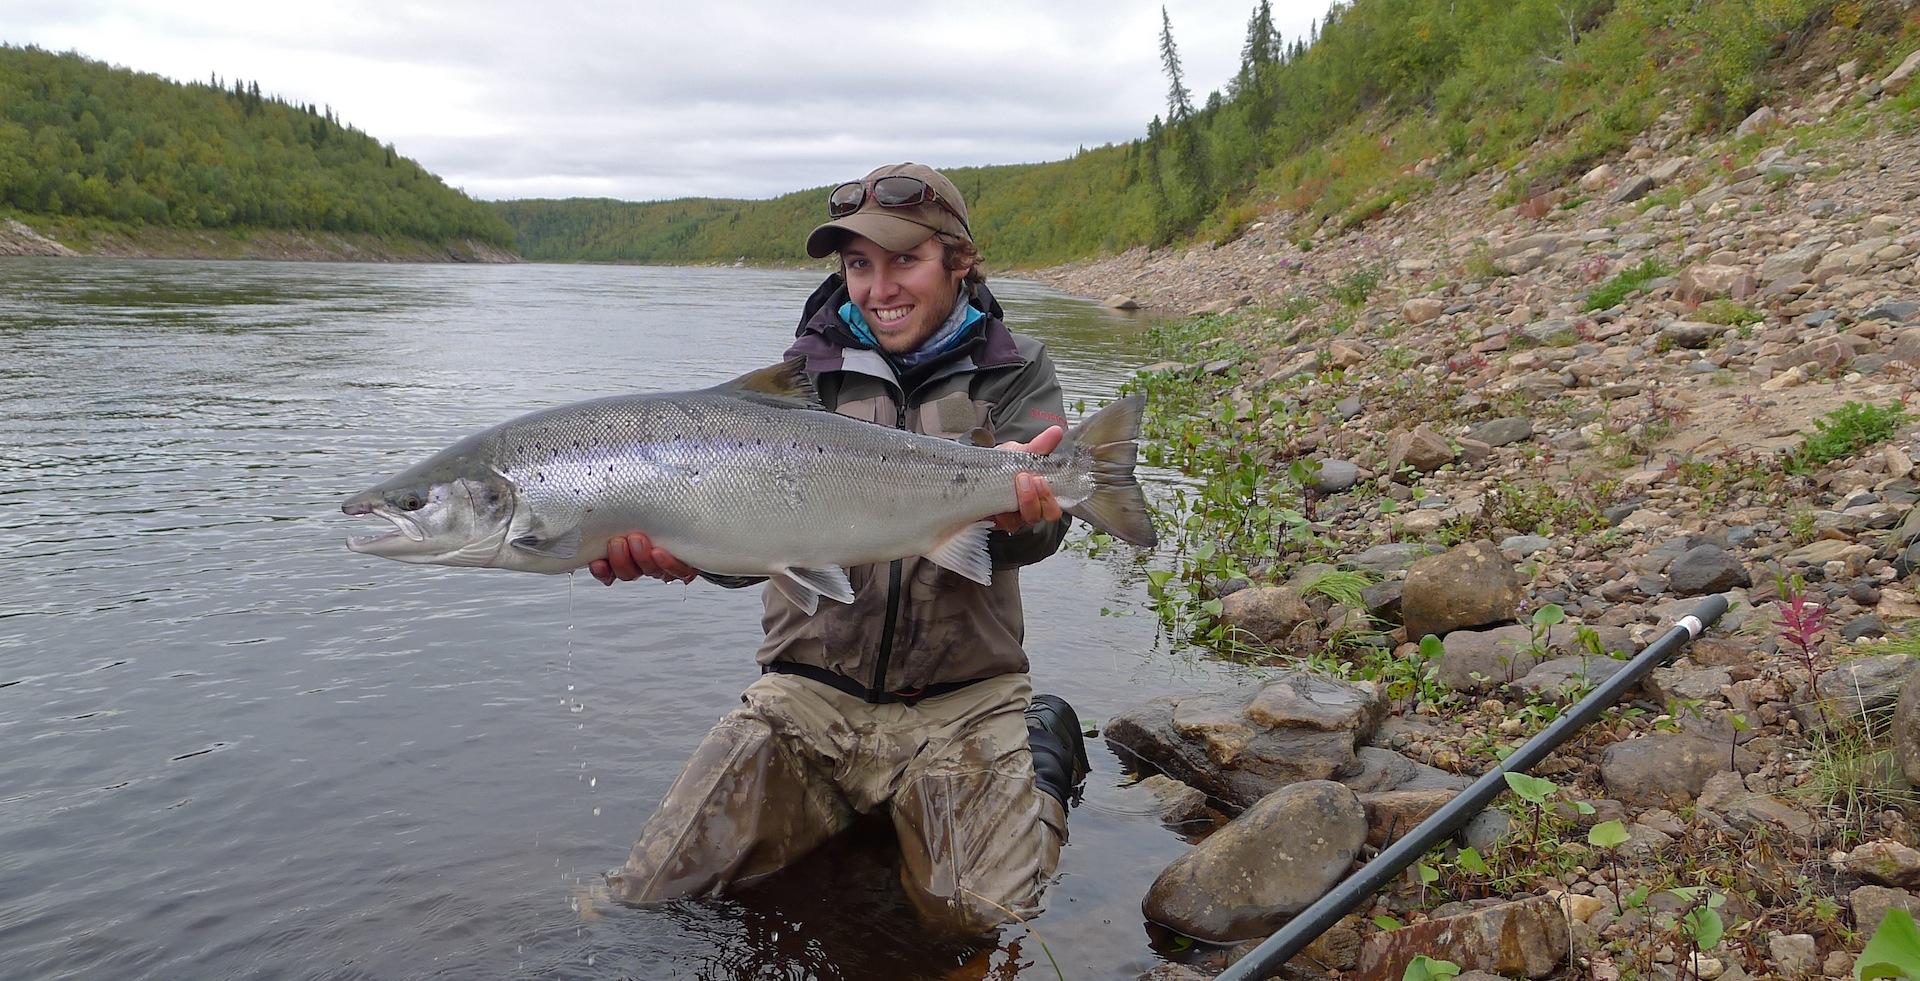 Довольный рыбак с пойманной рыбой